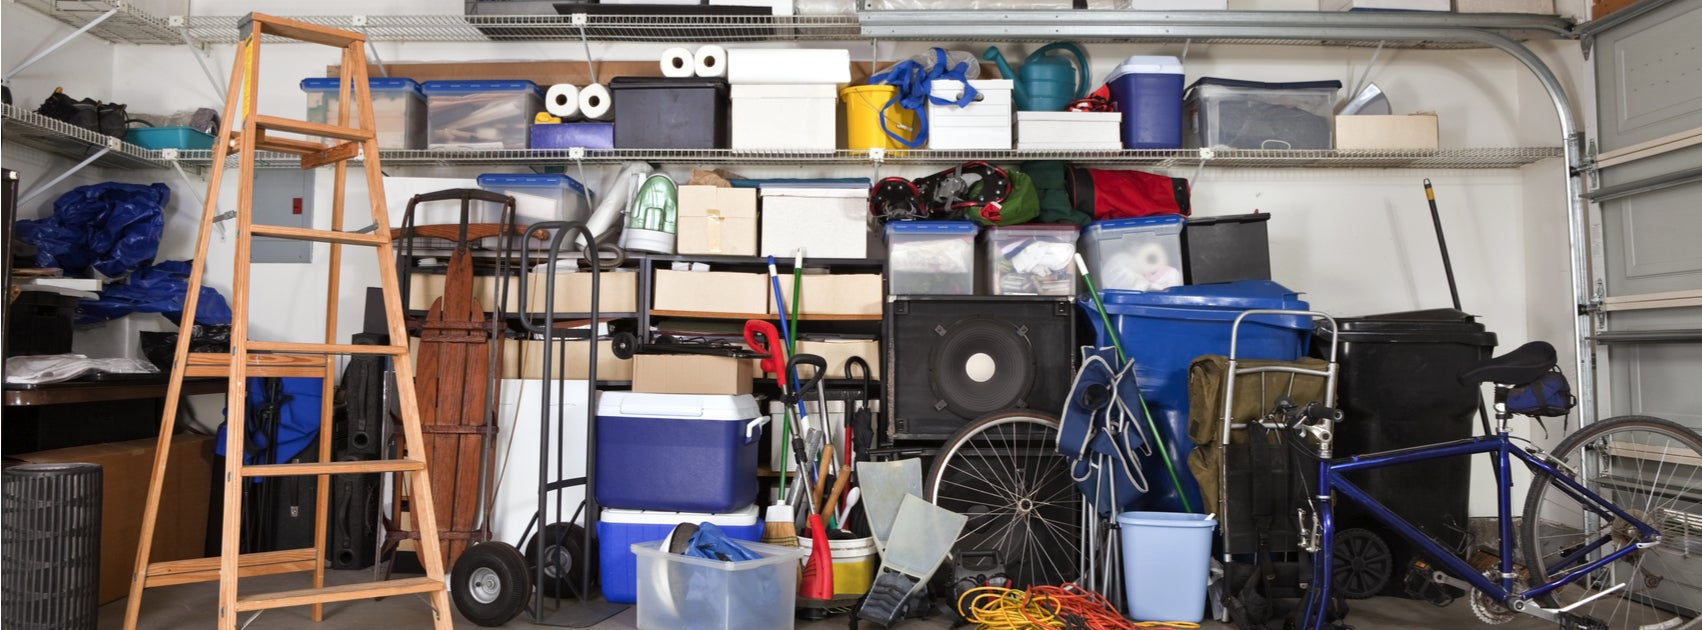 Ideas para decorar el garaje de tu casa